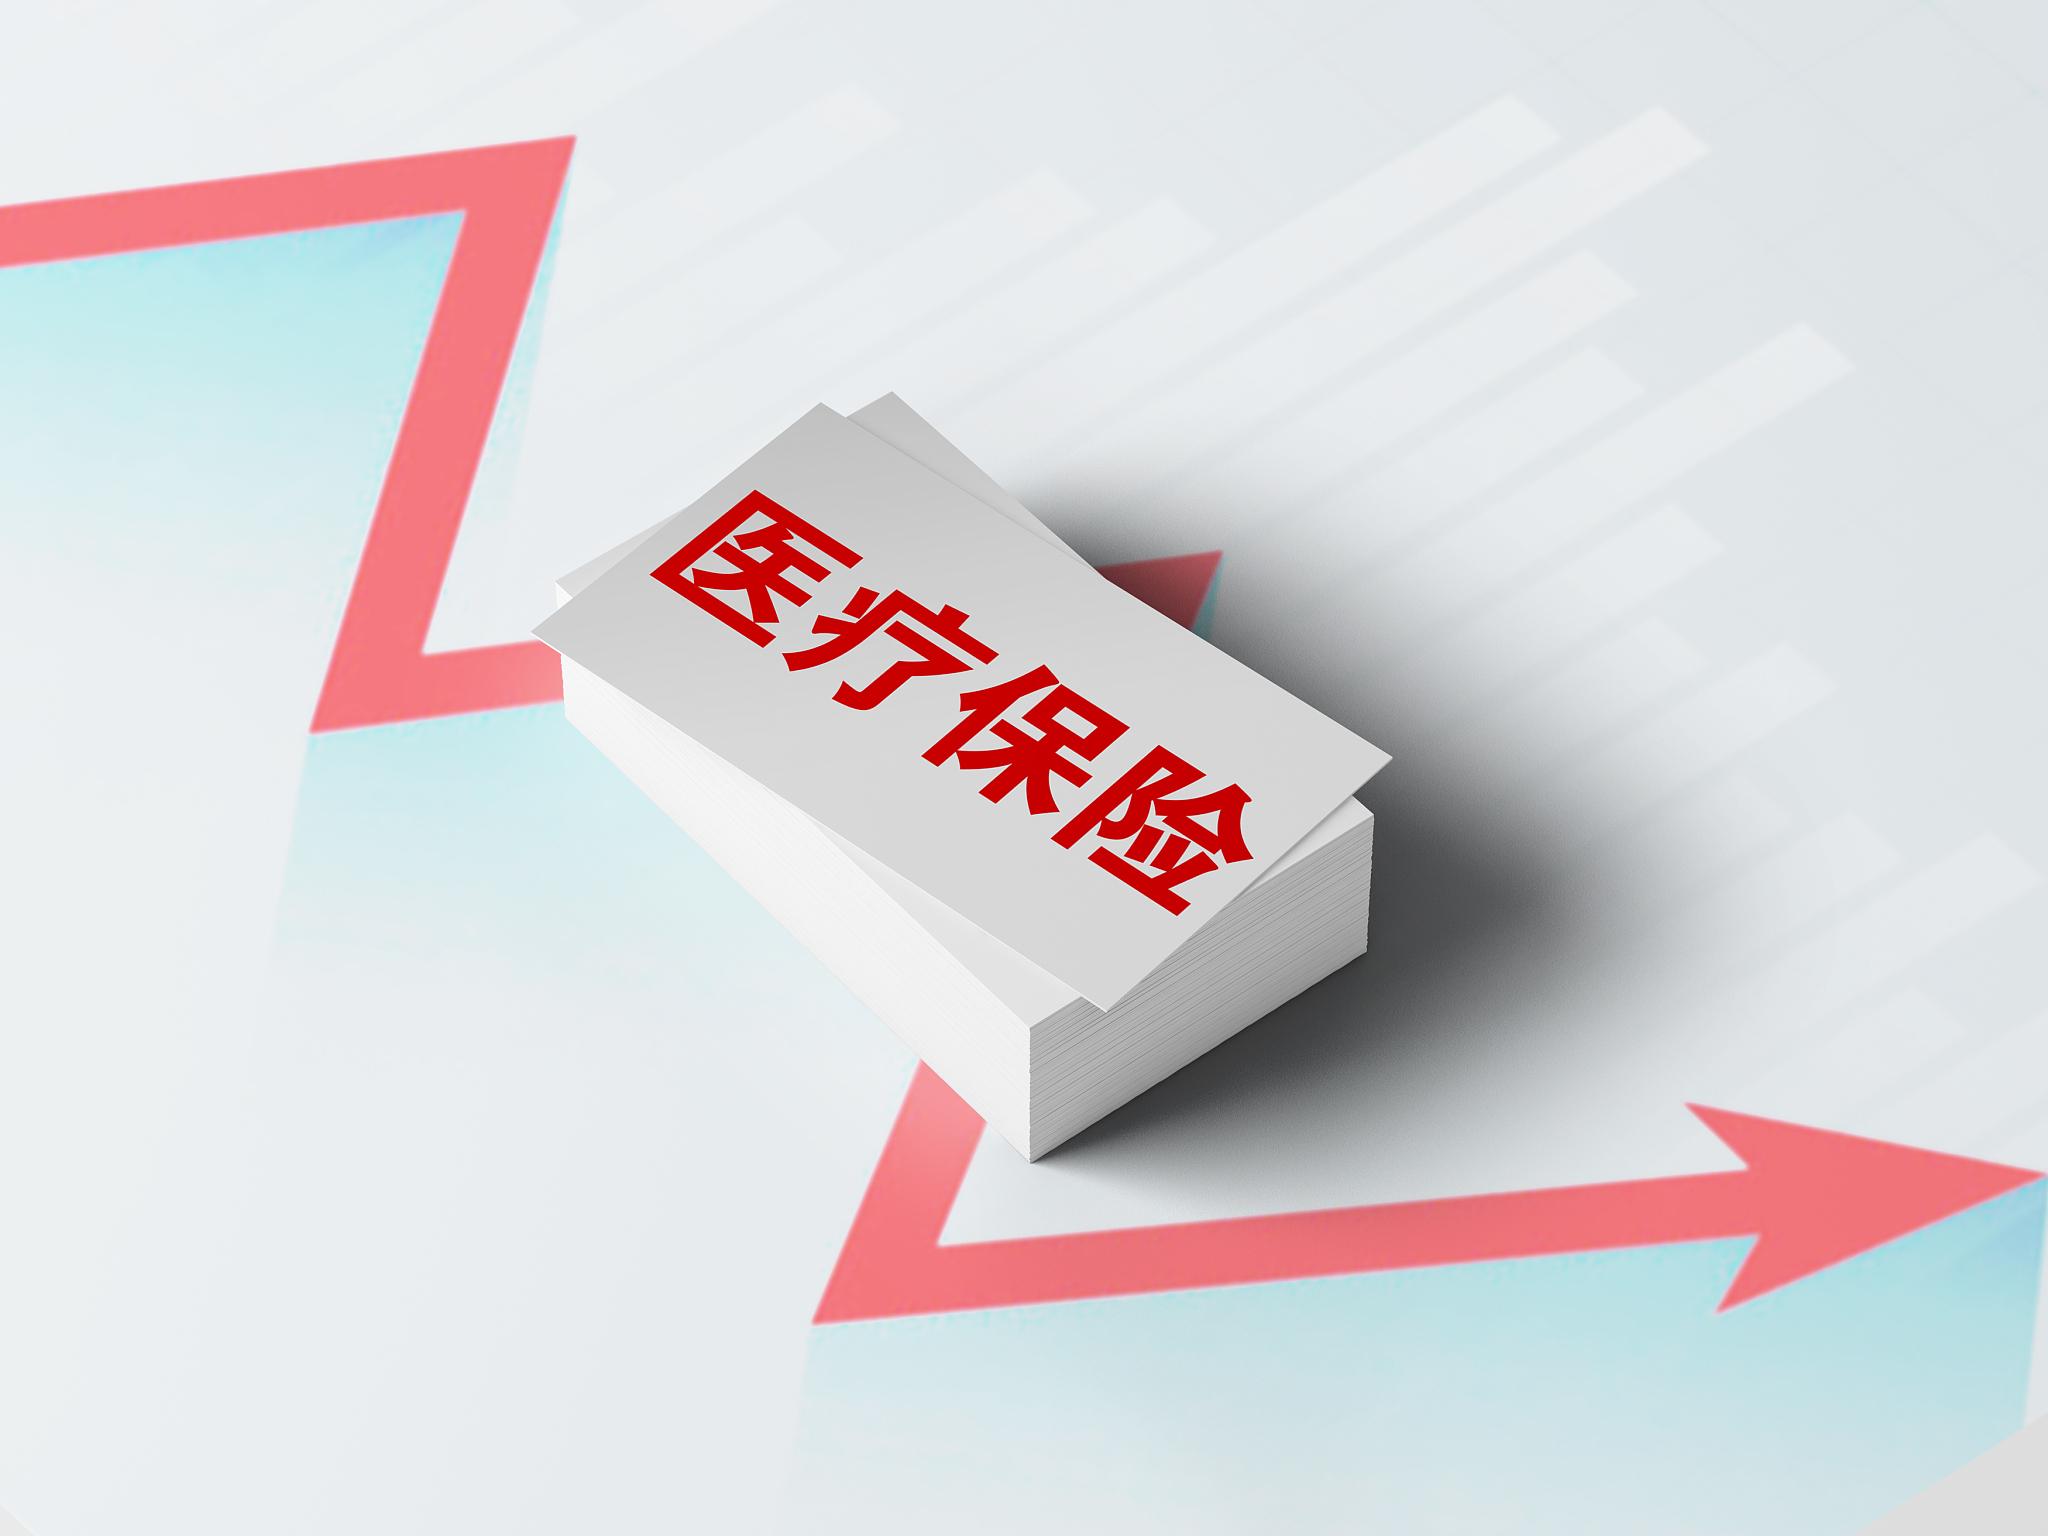 傲世皇朝平台北京市医疗保障局、市公安局联合通报12起欺诈骗保典型案例